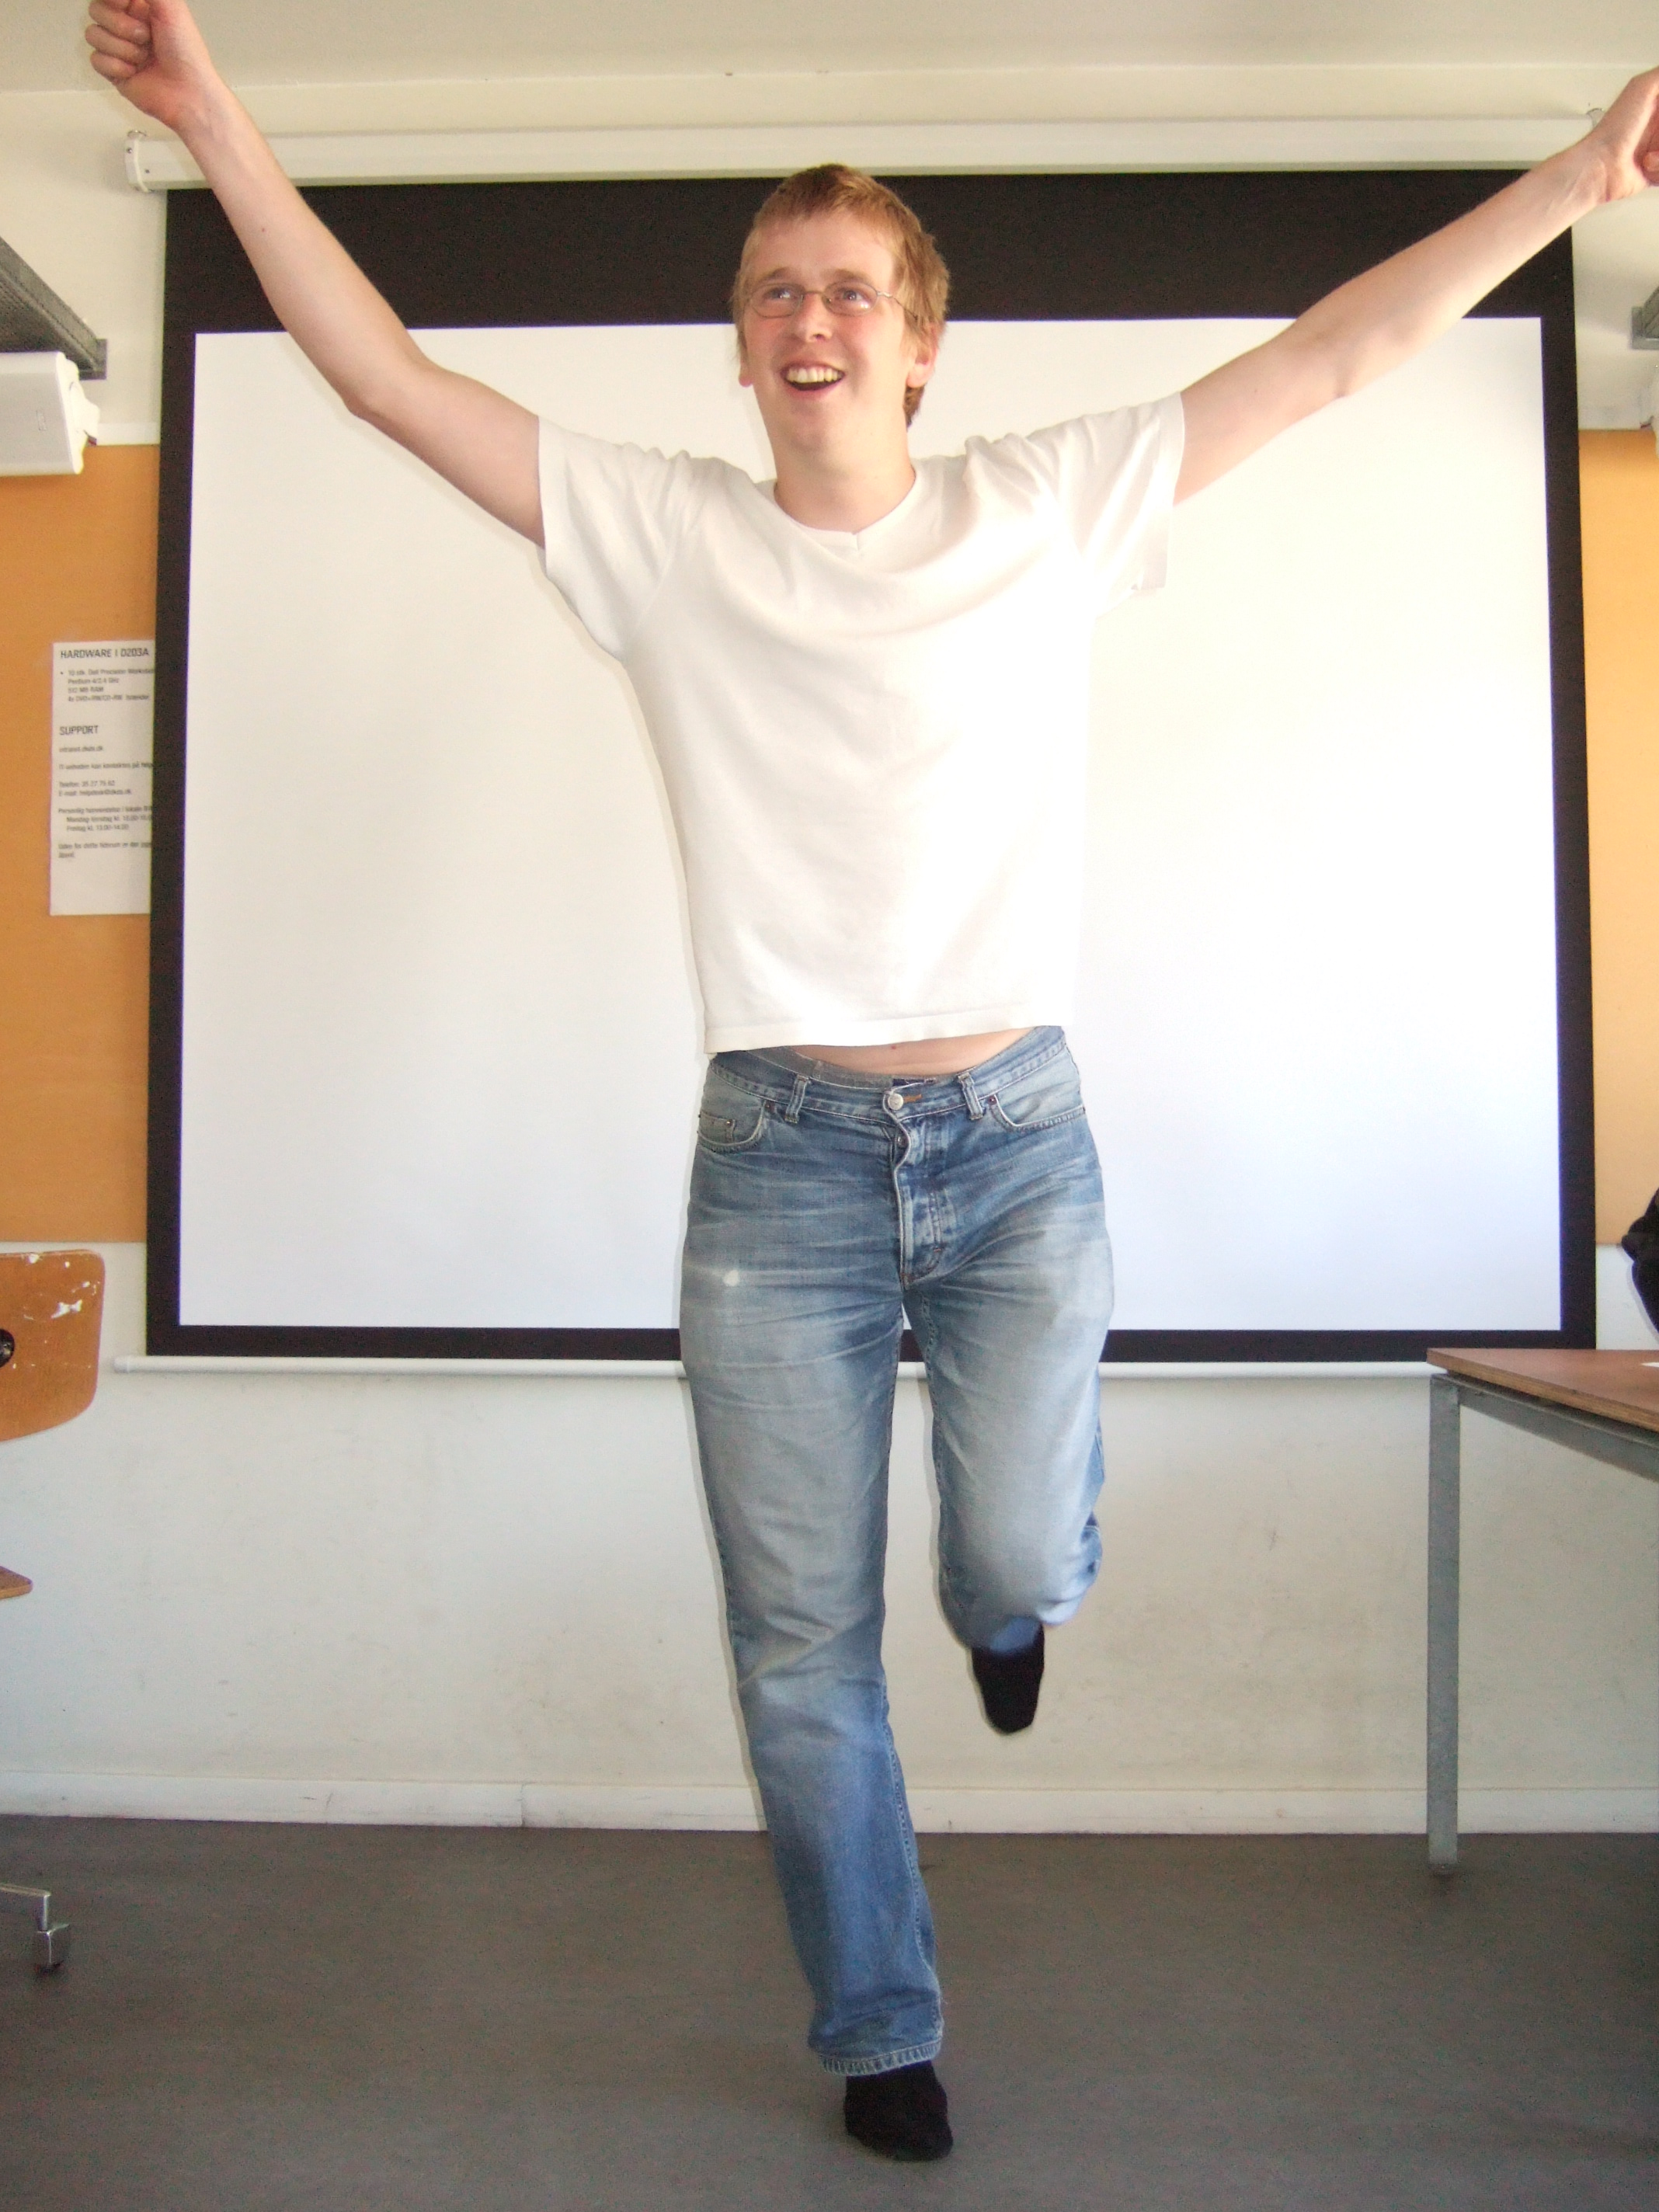 quantum jumping burt goldman